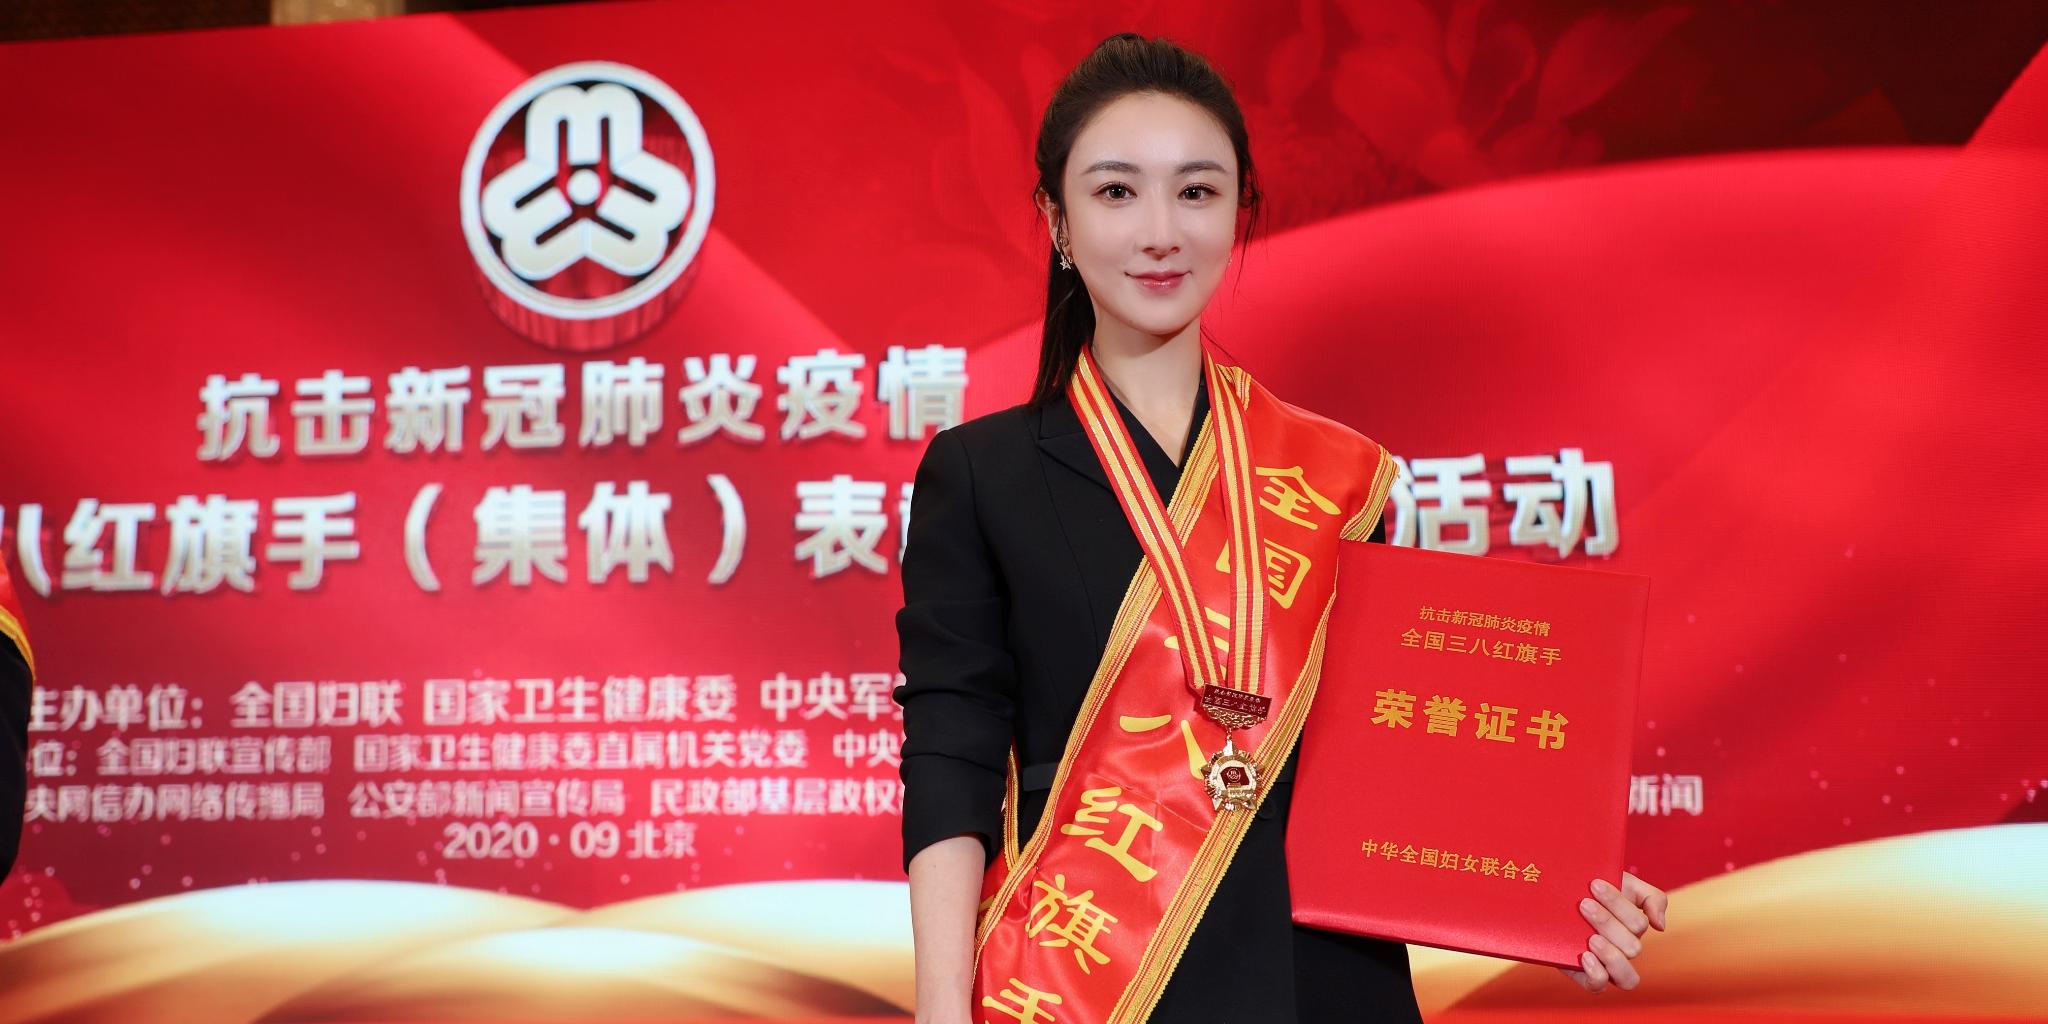 「香港有好貨」帶貨主播薇婭獲授全國三八紅旗手